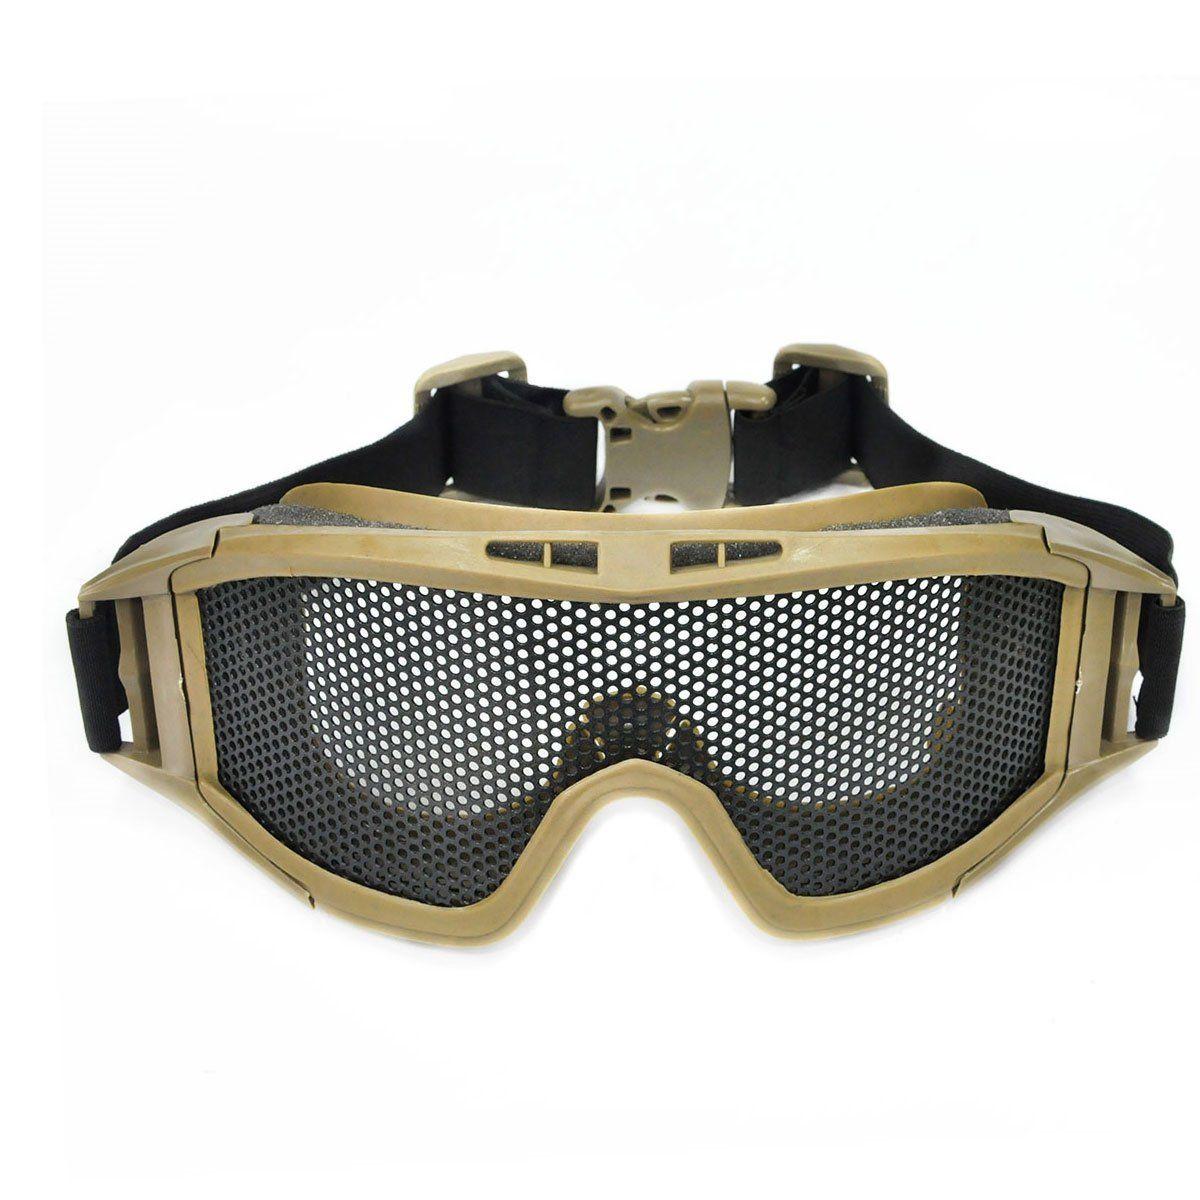 Oculos/Viseira de Protecao para Airsoft em Tela Grande de Metal Tan